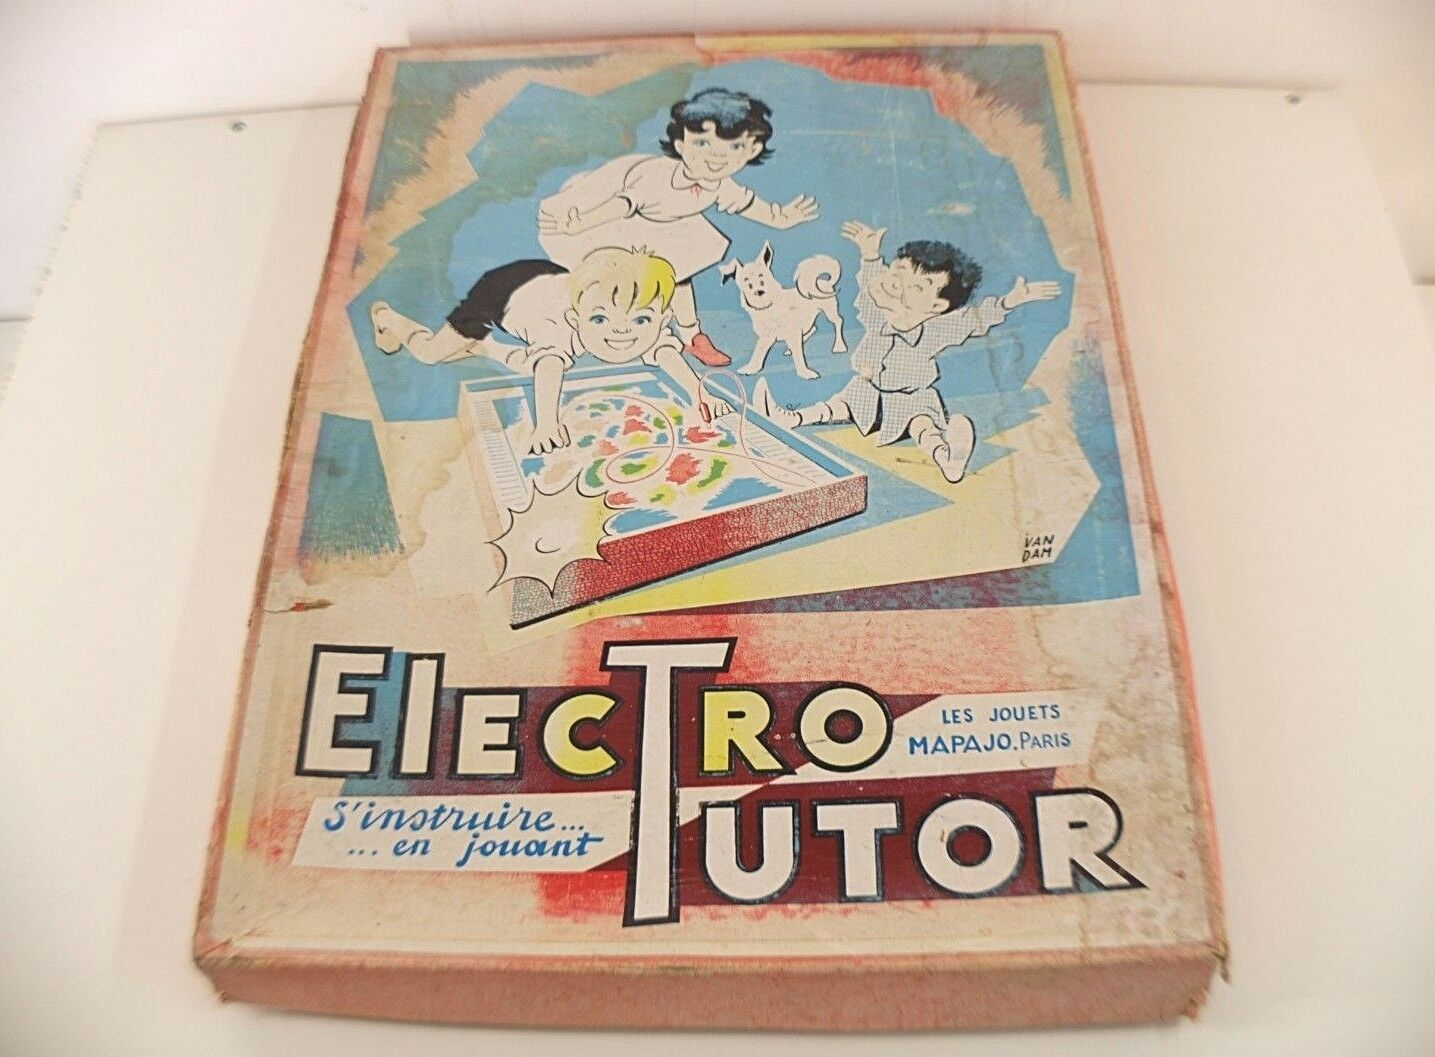 Les Jouets Mapajo Paris Spiel Electro-Tutor Caravelle Blaumen Karteien Selten